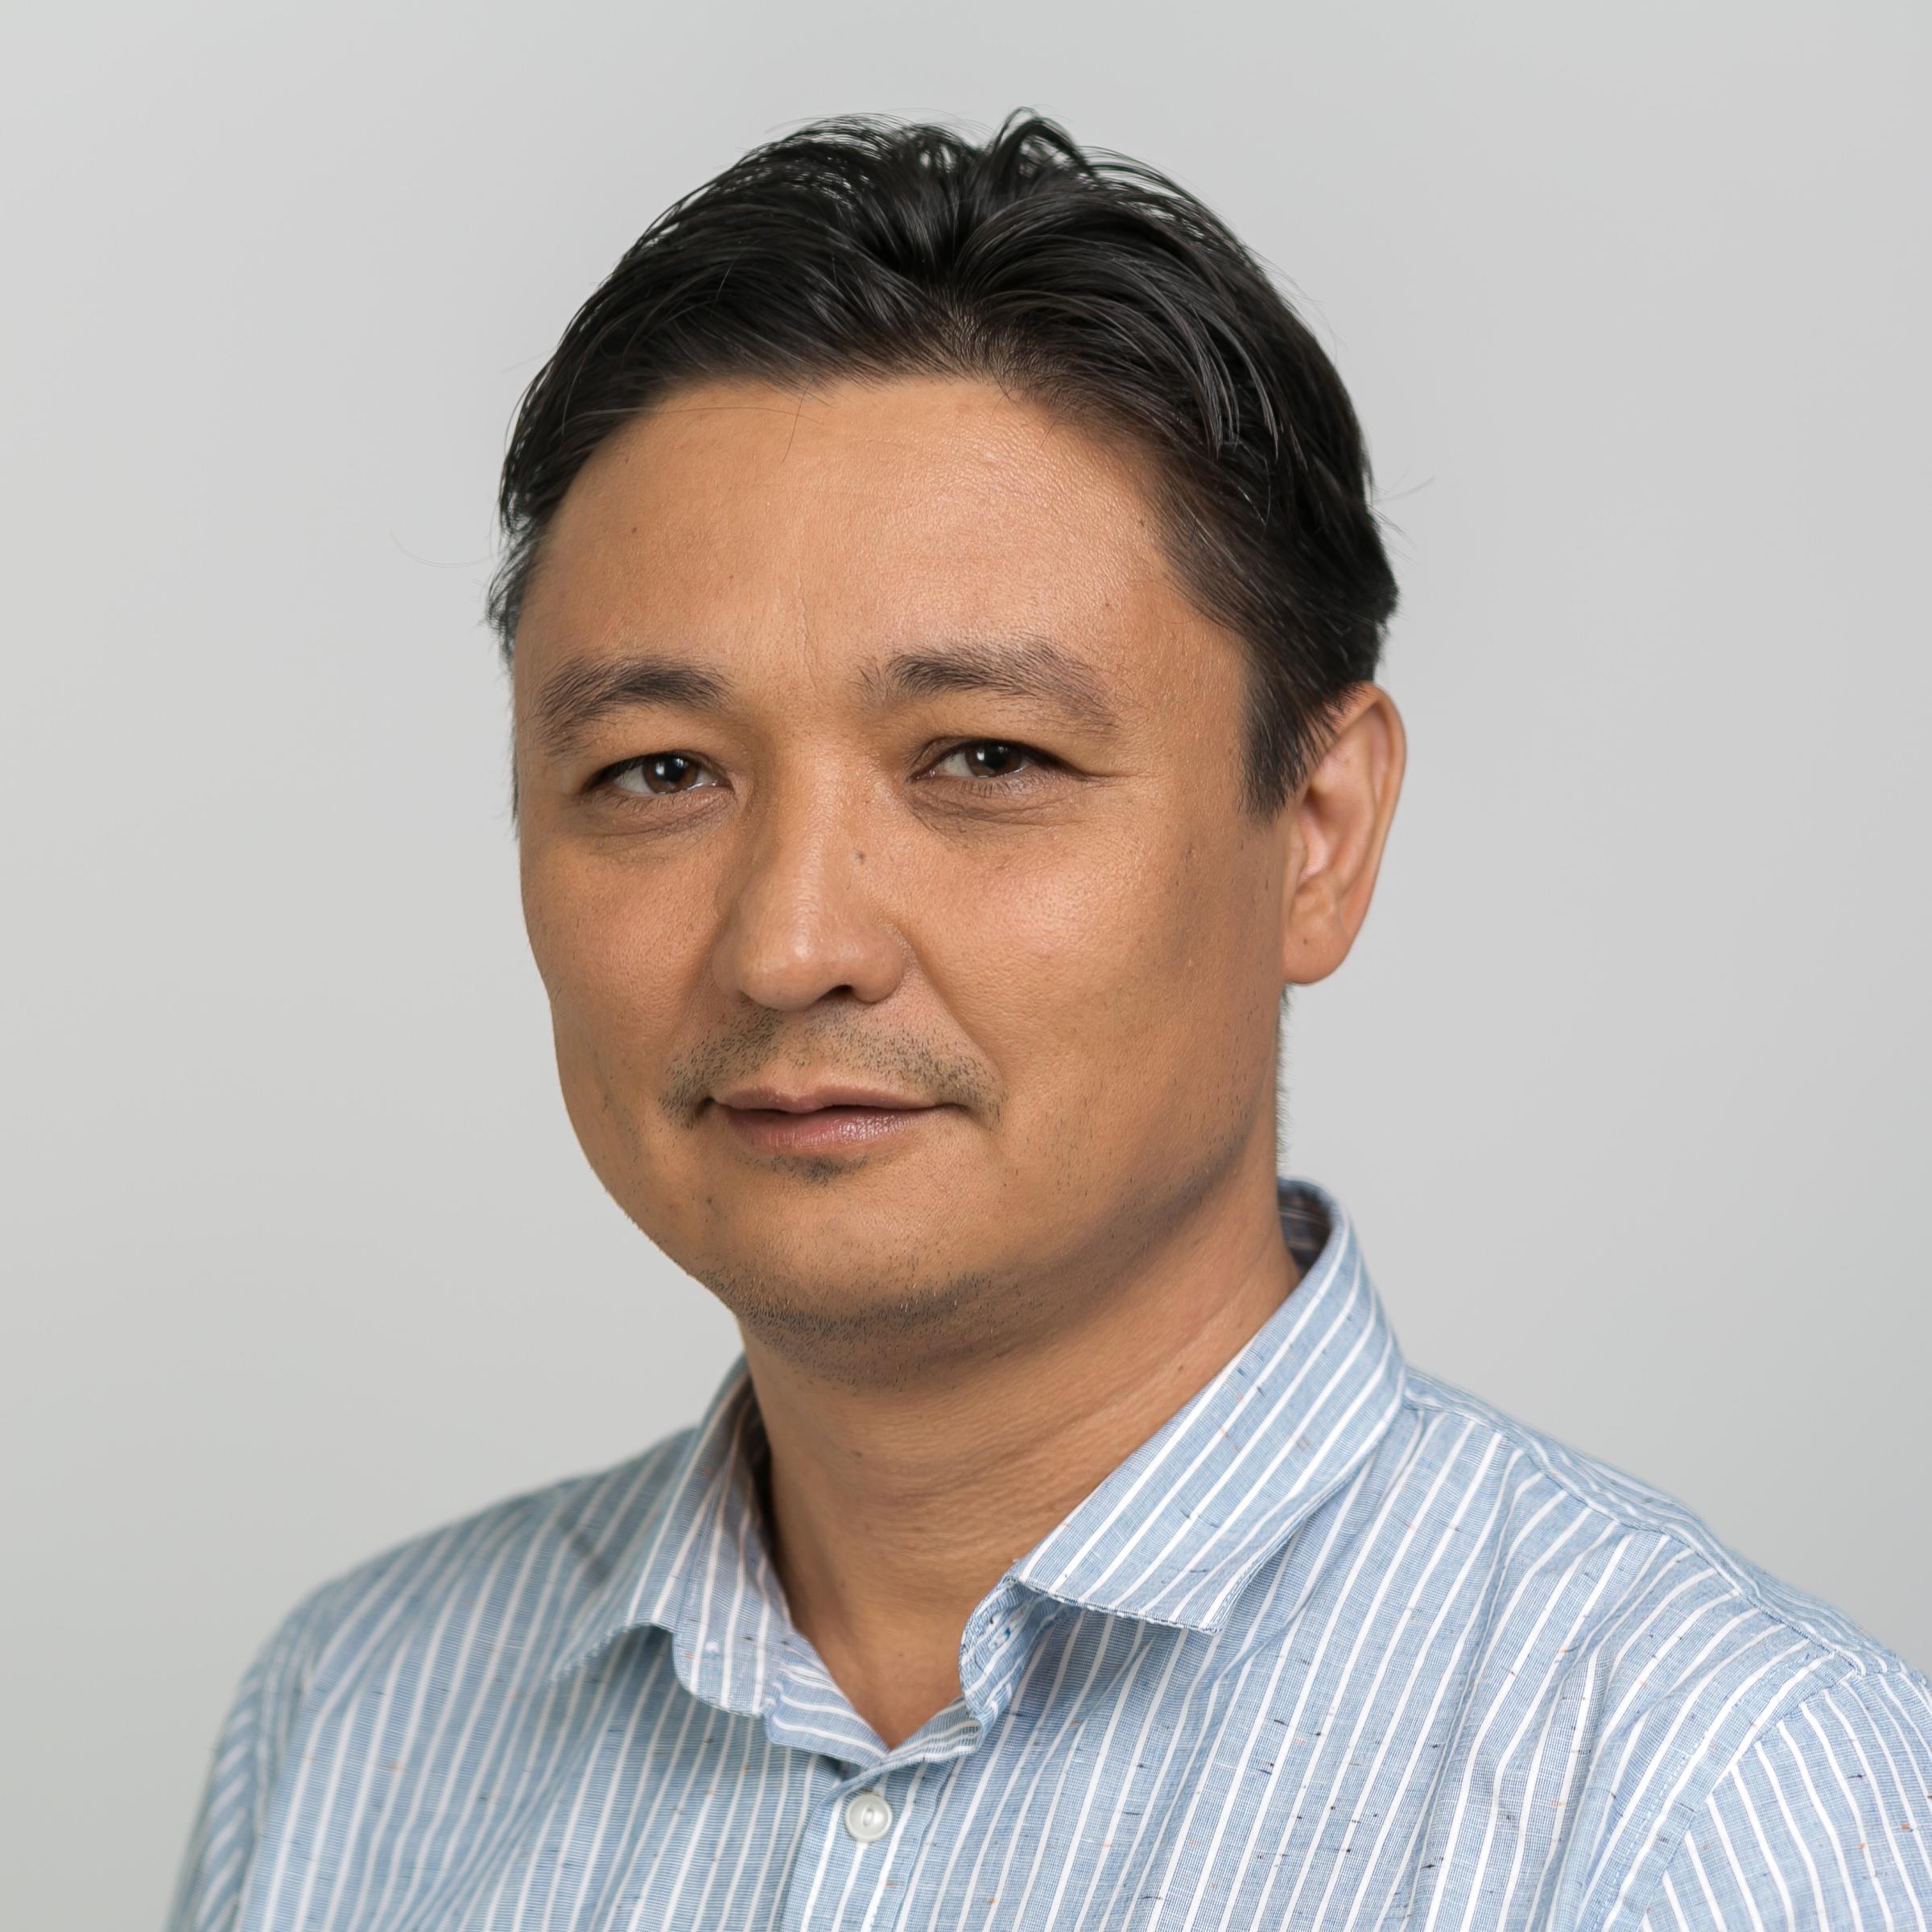 Ayrat Khissamov